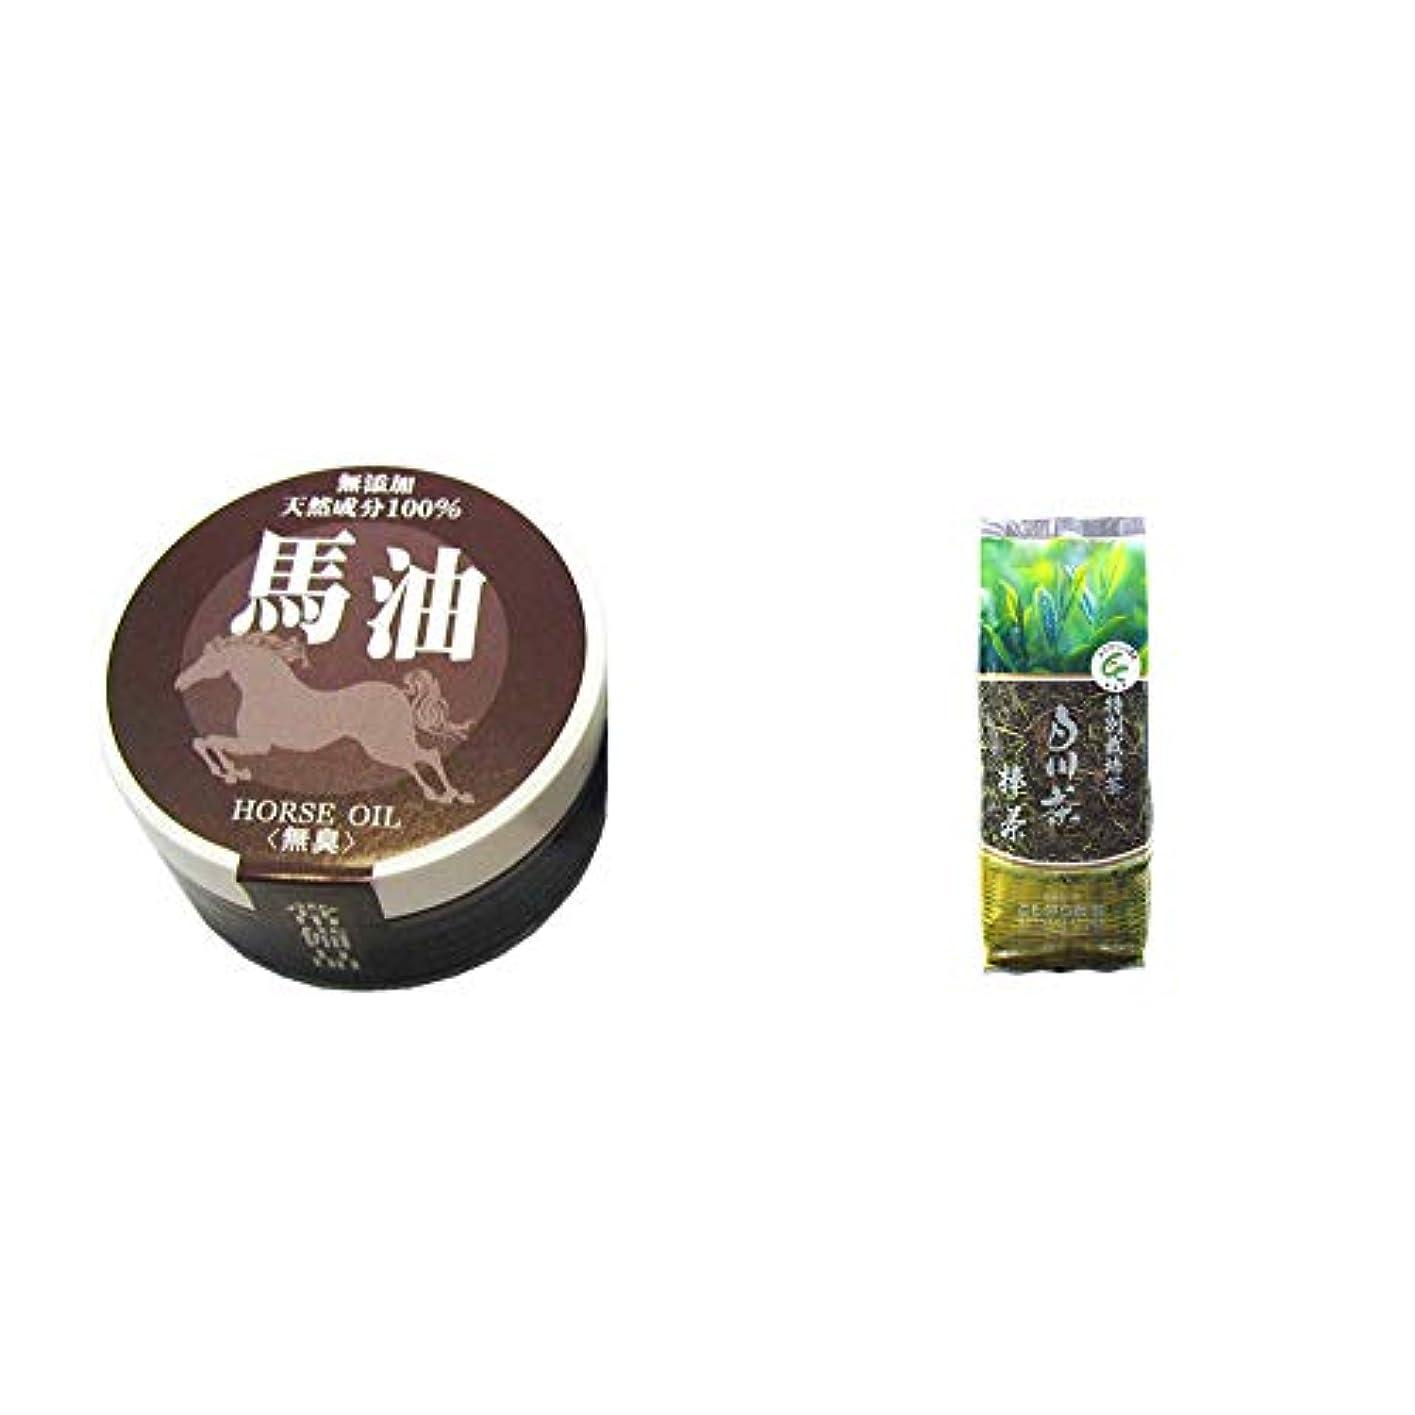 信仰慣れている焼く[2点セット] 無添加天然成分100% 馬油[無香料](38g)?白川茶 特別栽培茶【棒茶】(150g)